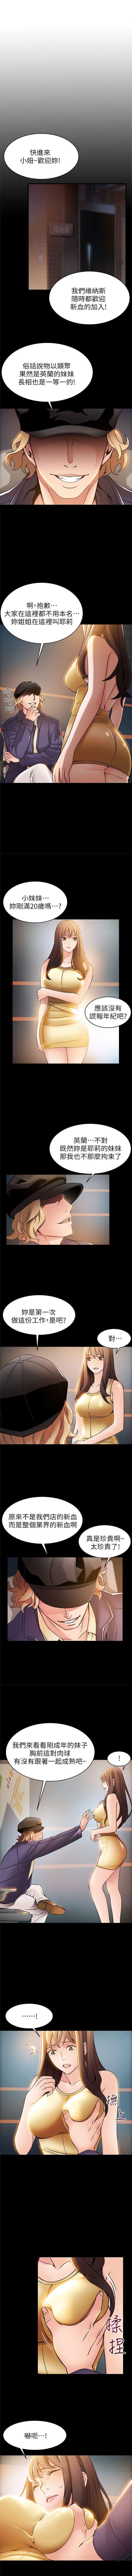 (週7)弱點 1-76 中文翻譯(更新中) 95